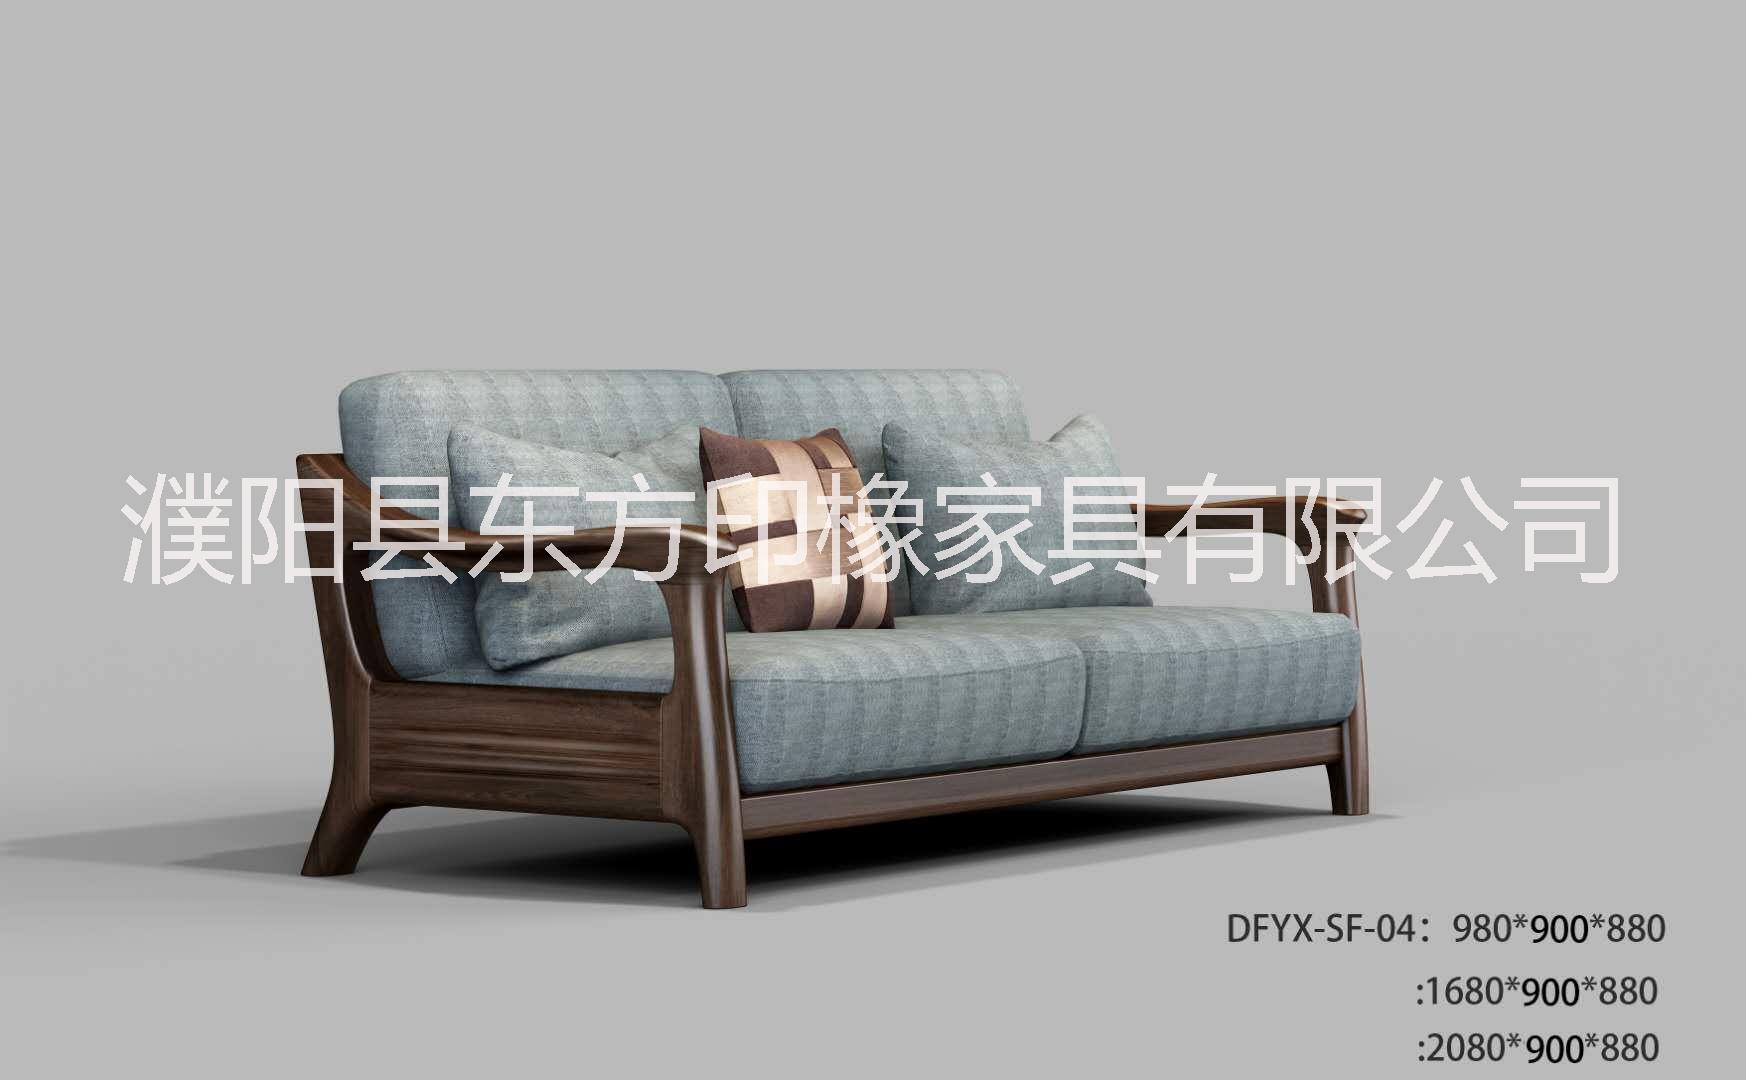 简约沙发 濮阳沙发供应商     沙发     河南沙发厂家    沙发价格   客厅沙发 供应沙发 简约沙发